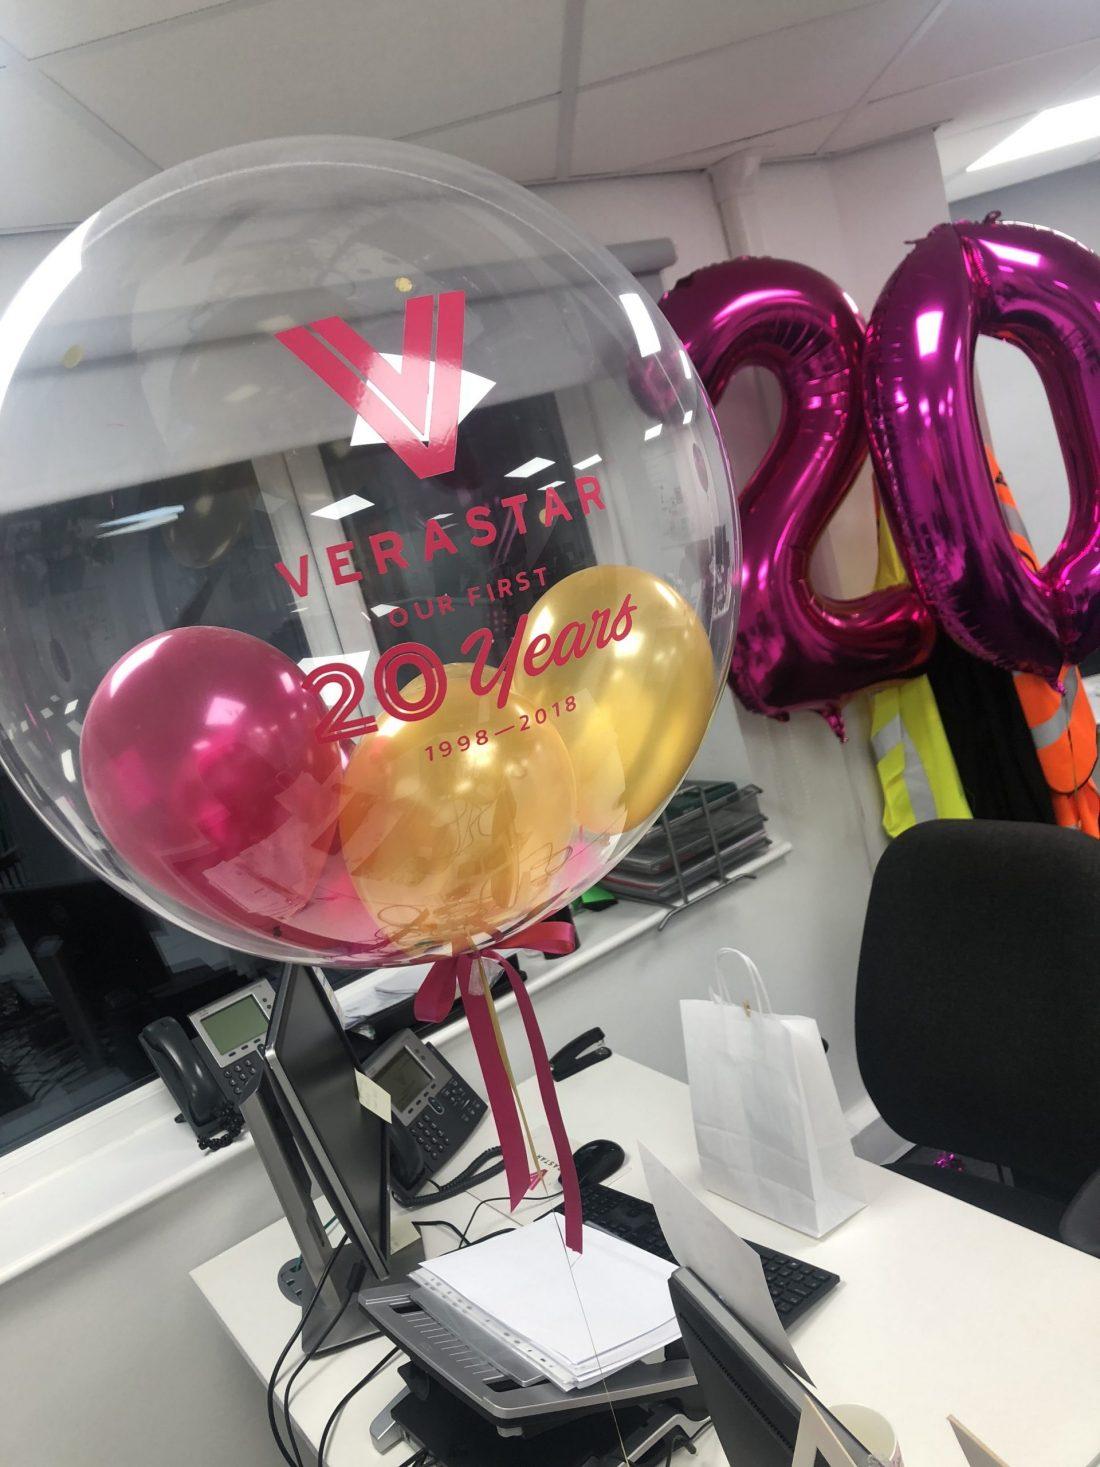 verastar-balloons.jpg